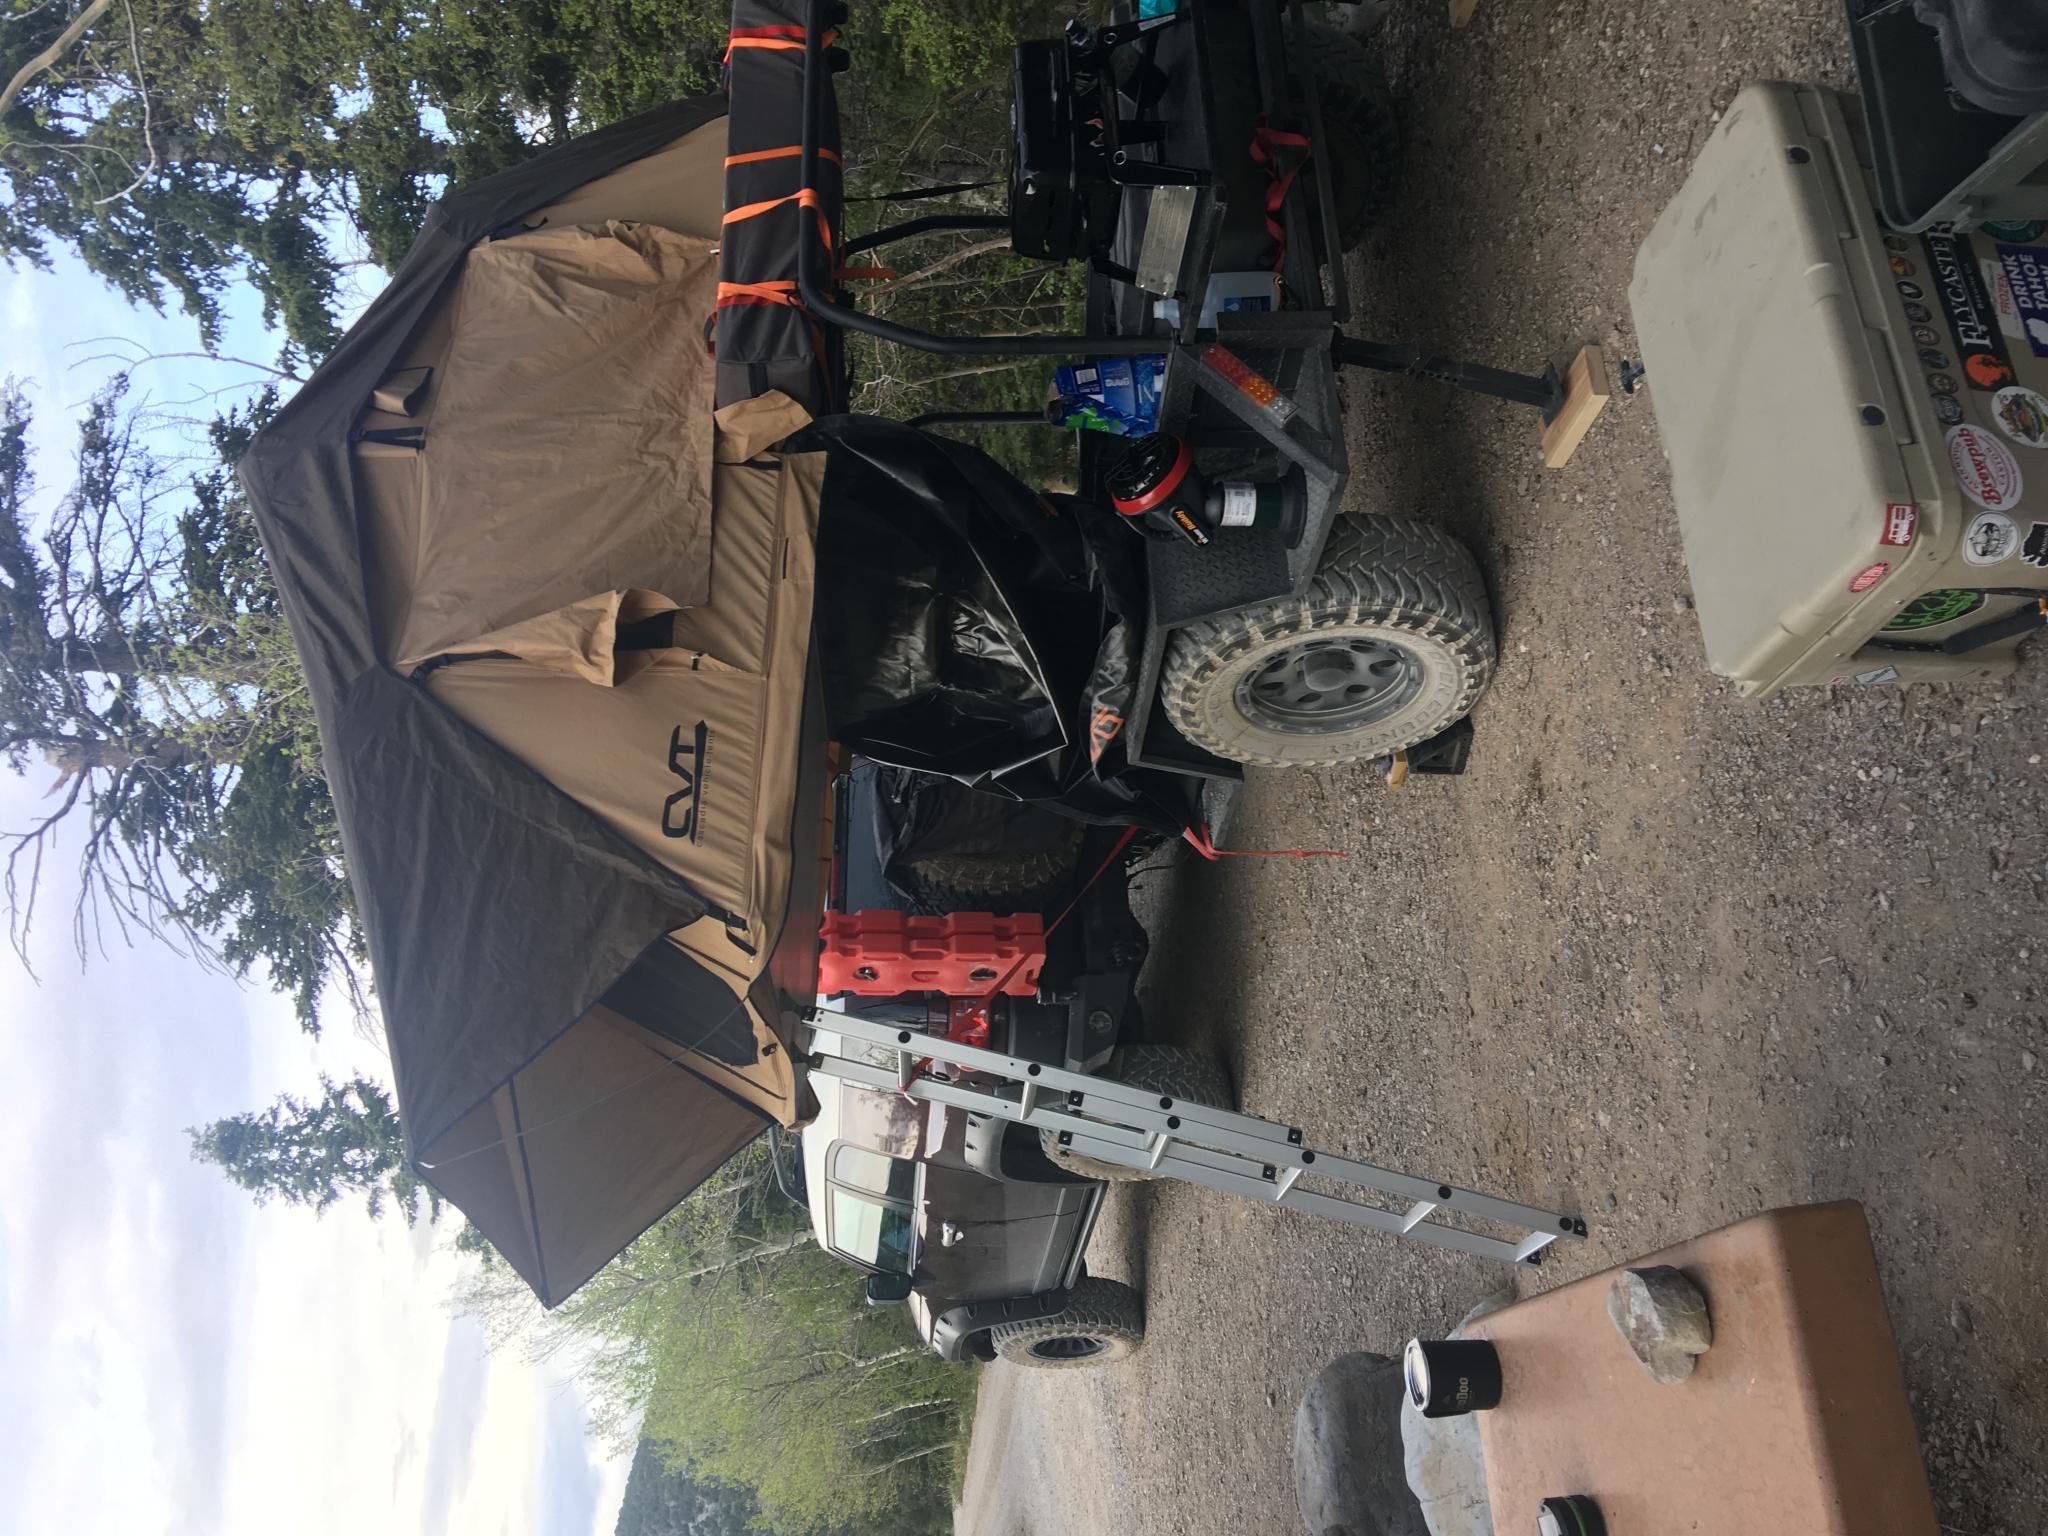 Post all trailer towing pics!!-7d1212ec-b1e1-4510-a075-a82deab7965f.jpg